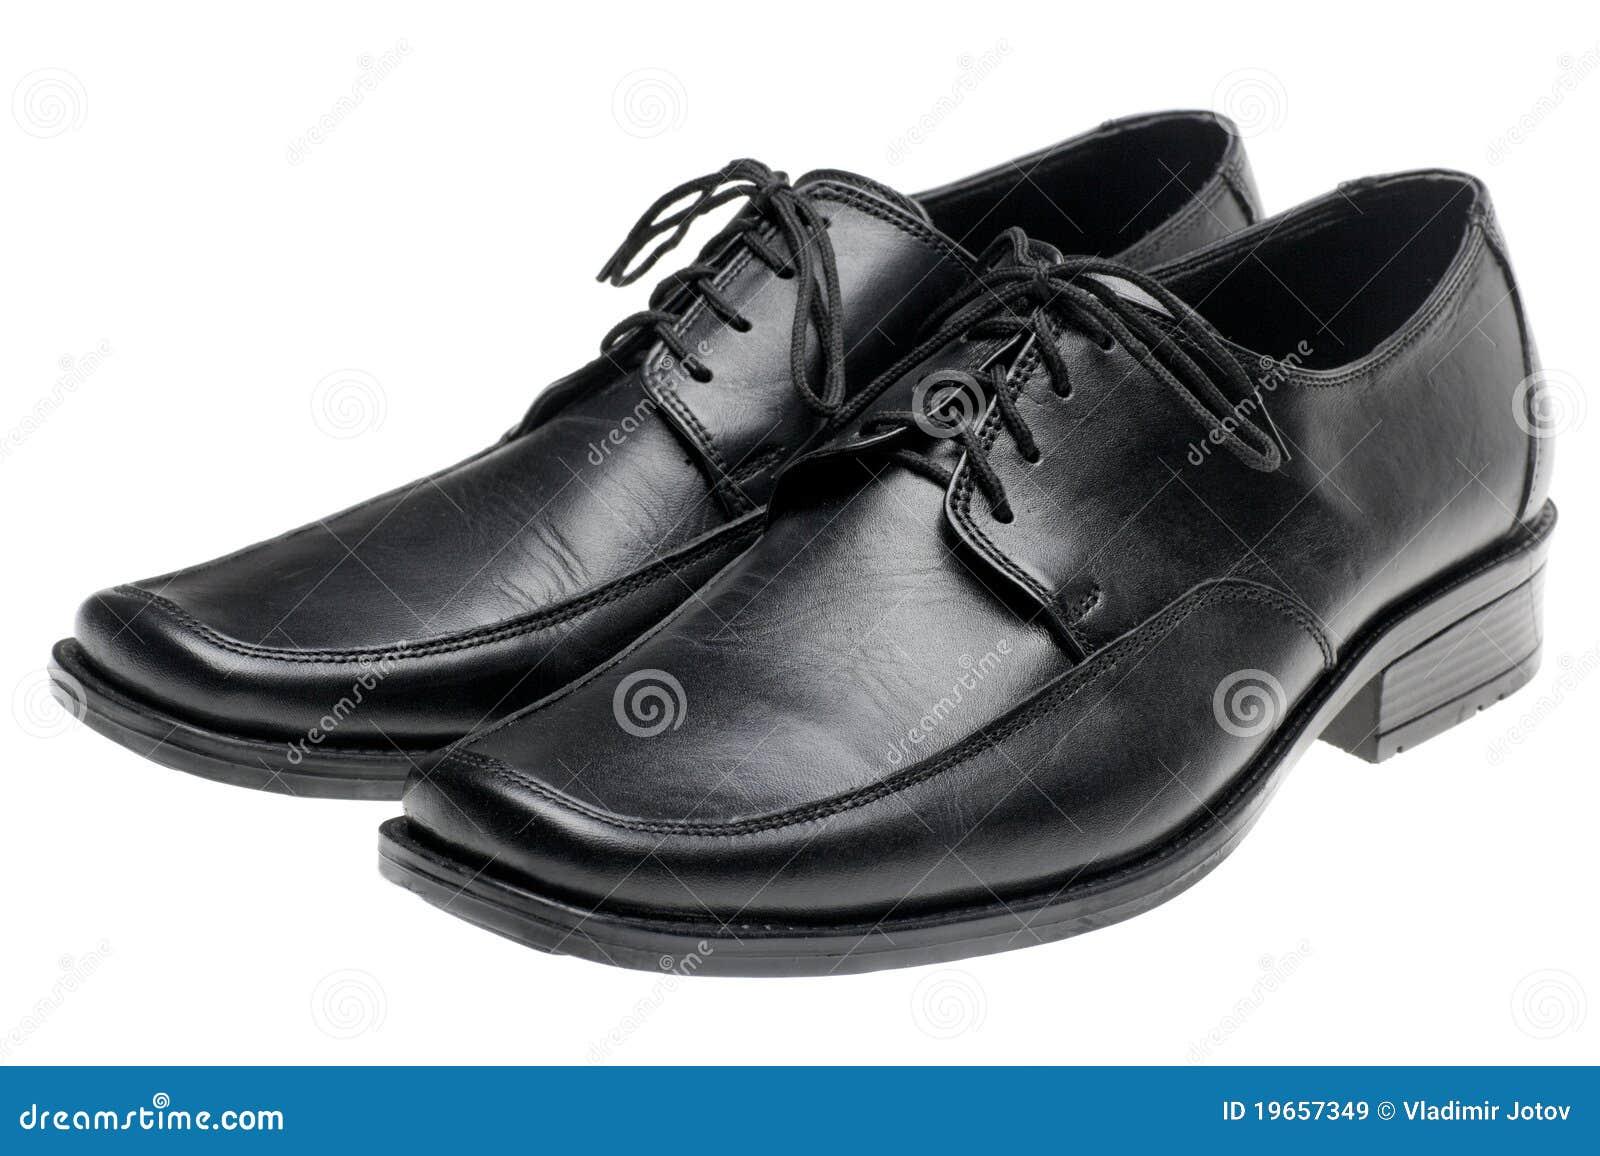 Nuestro stock ofrece gran variedad de colores y diseños en zapatos de hombre. Todo el calzado que ofrecemos es de primera calidad, lo que garantiza la comodidad y durabilidad del producto. Contamos con zapatos de caballero elaborados con piel, tela, o forros sintéticos.